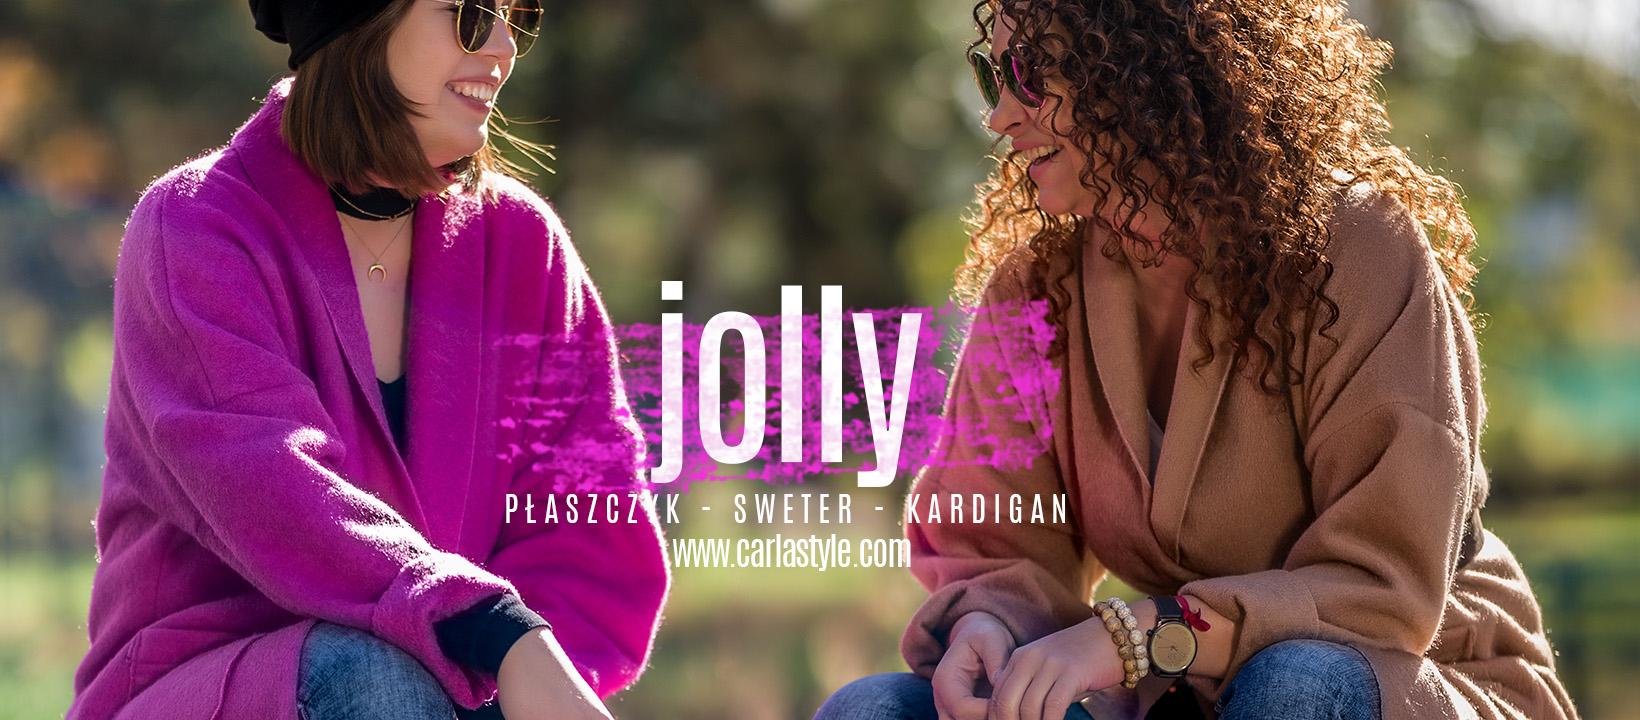 jolly | Płaszczy - Sweterek - Kardigan | CarlaStyle.com